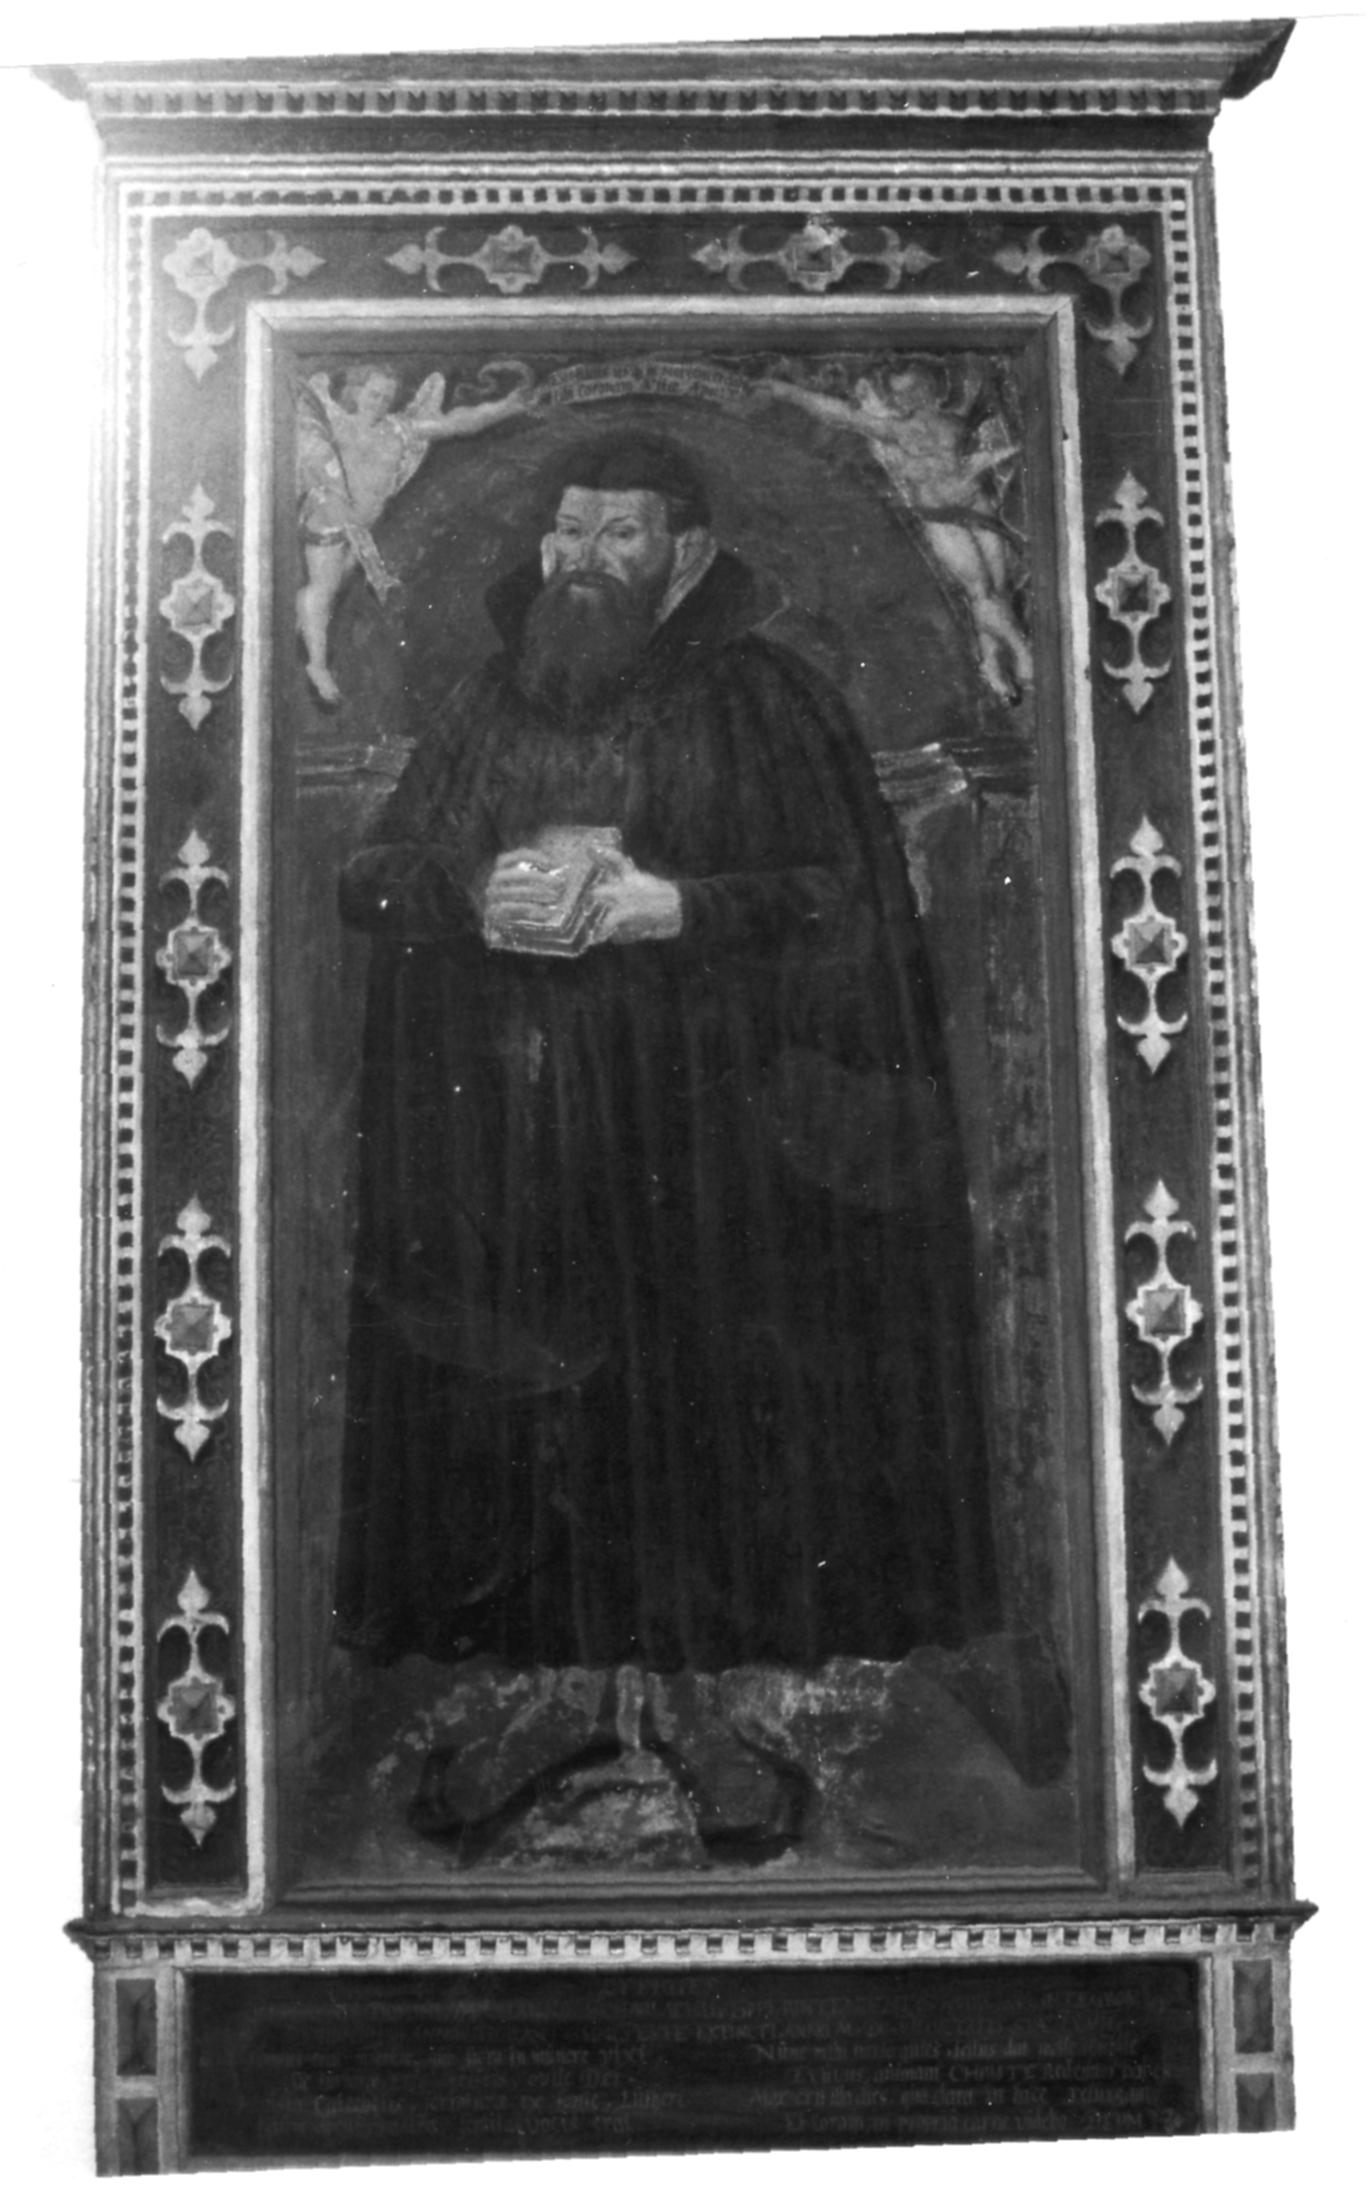 Johann Scharlach